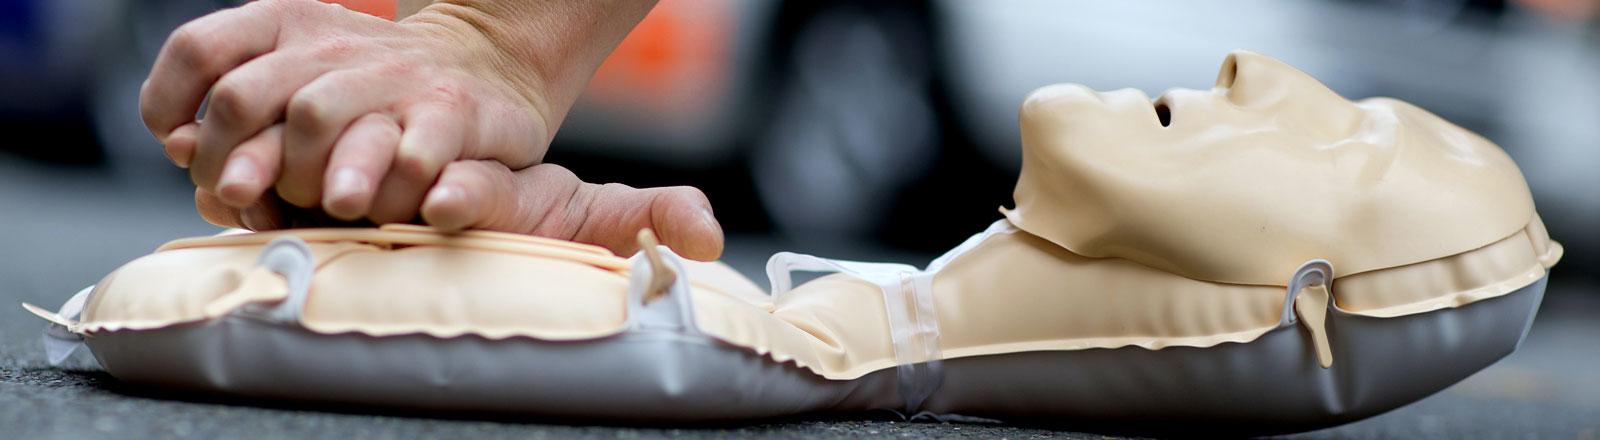 Ein Mann übt Reanimation anhand einer auflblasbaren Puppe.